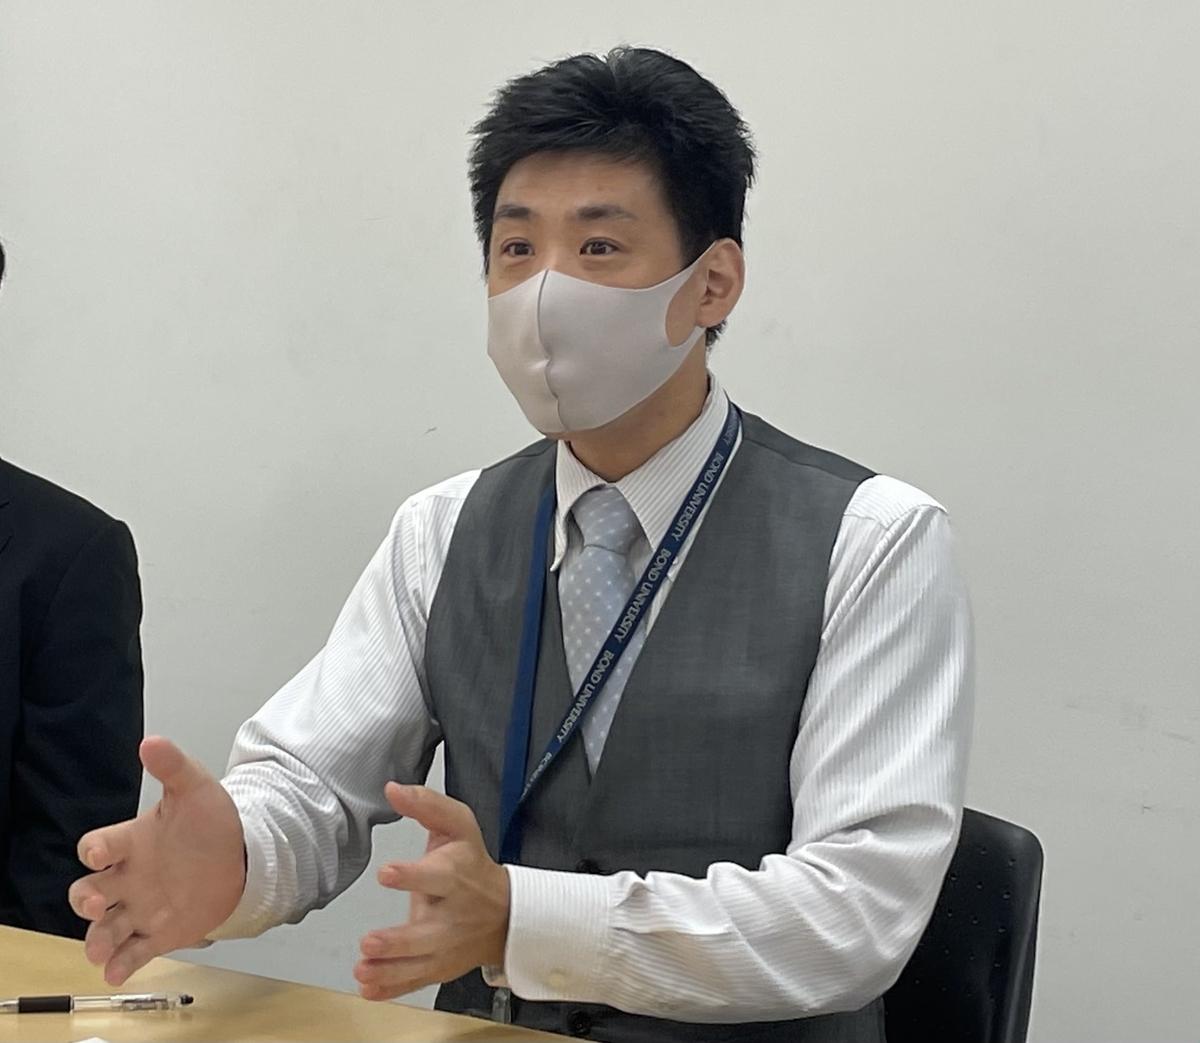 f:id:kawamotoasilla:20210921113516j:plain